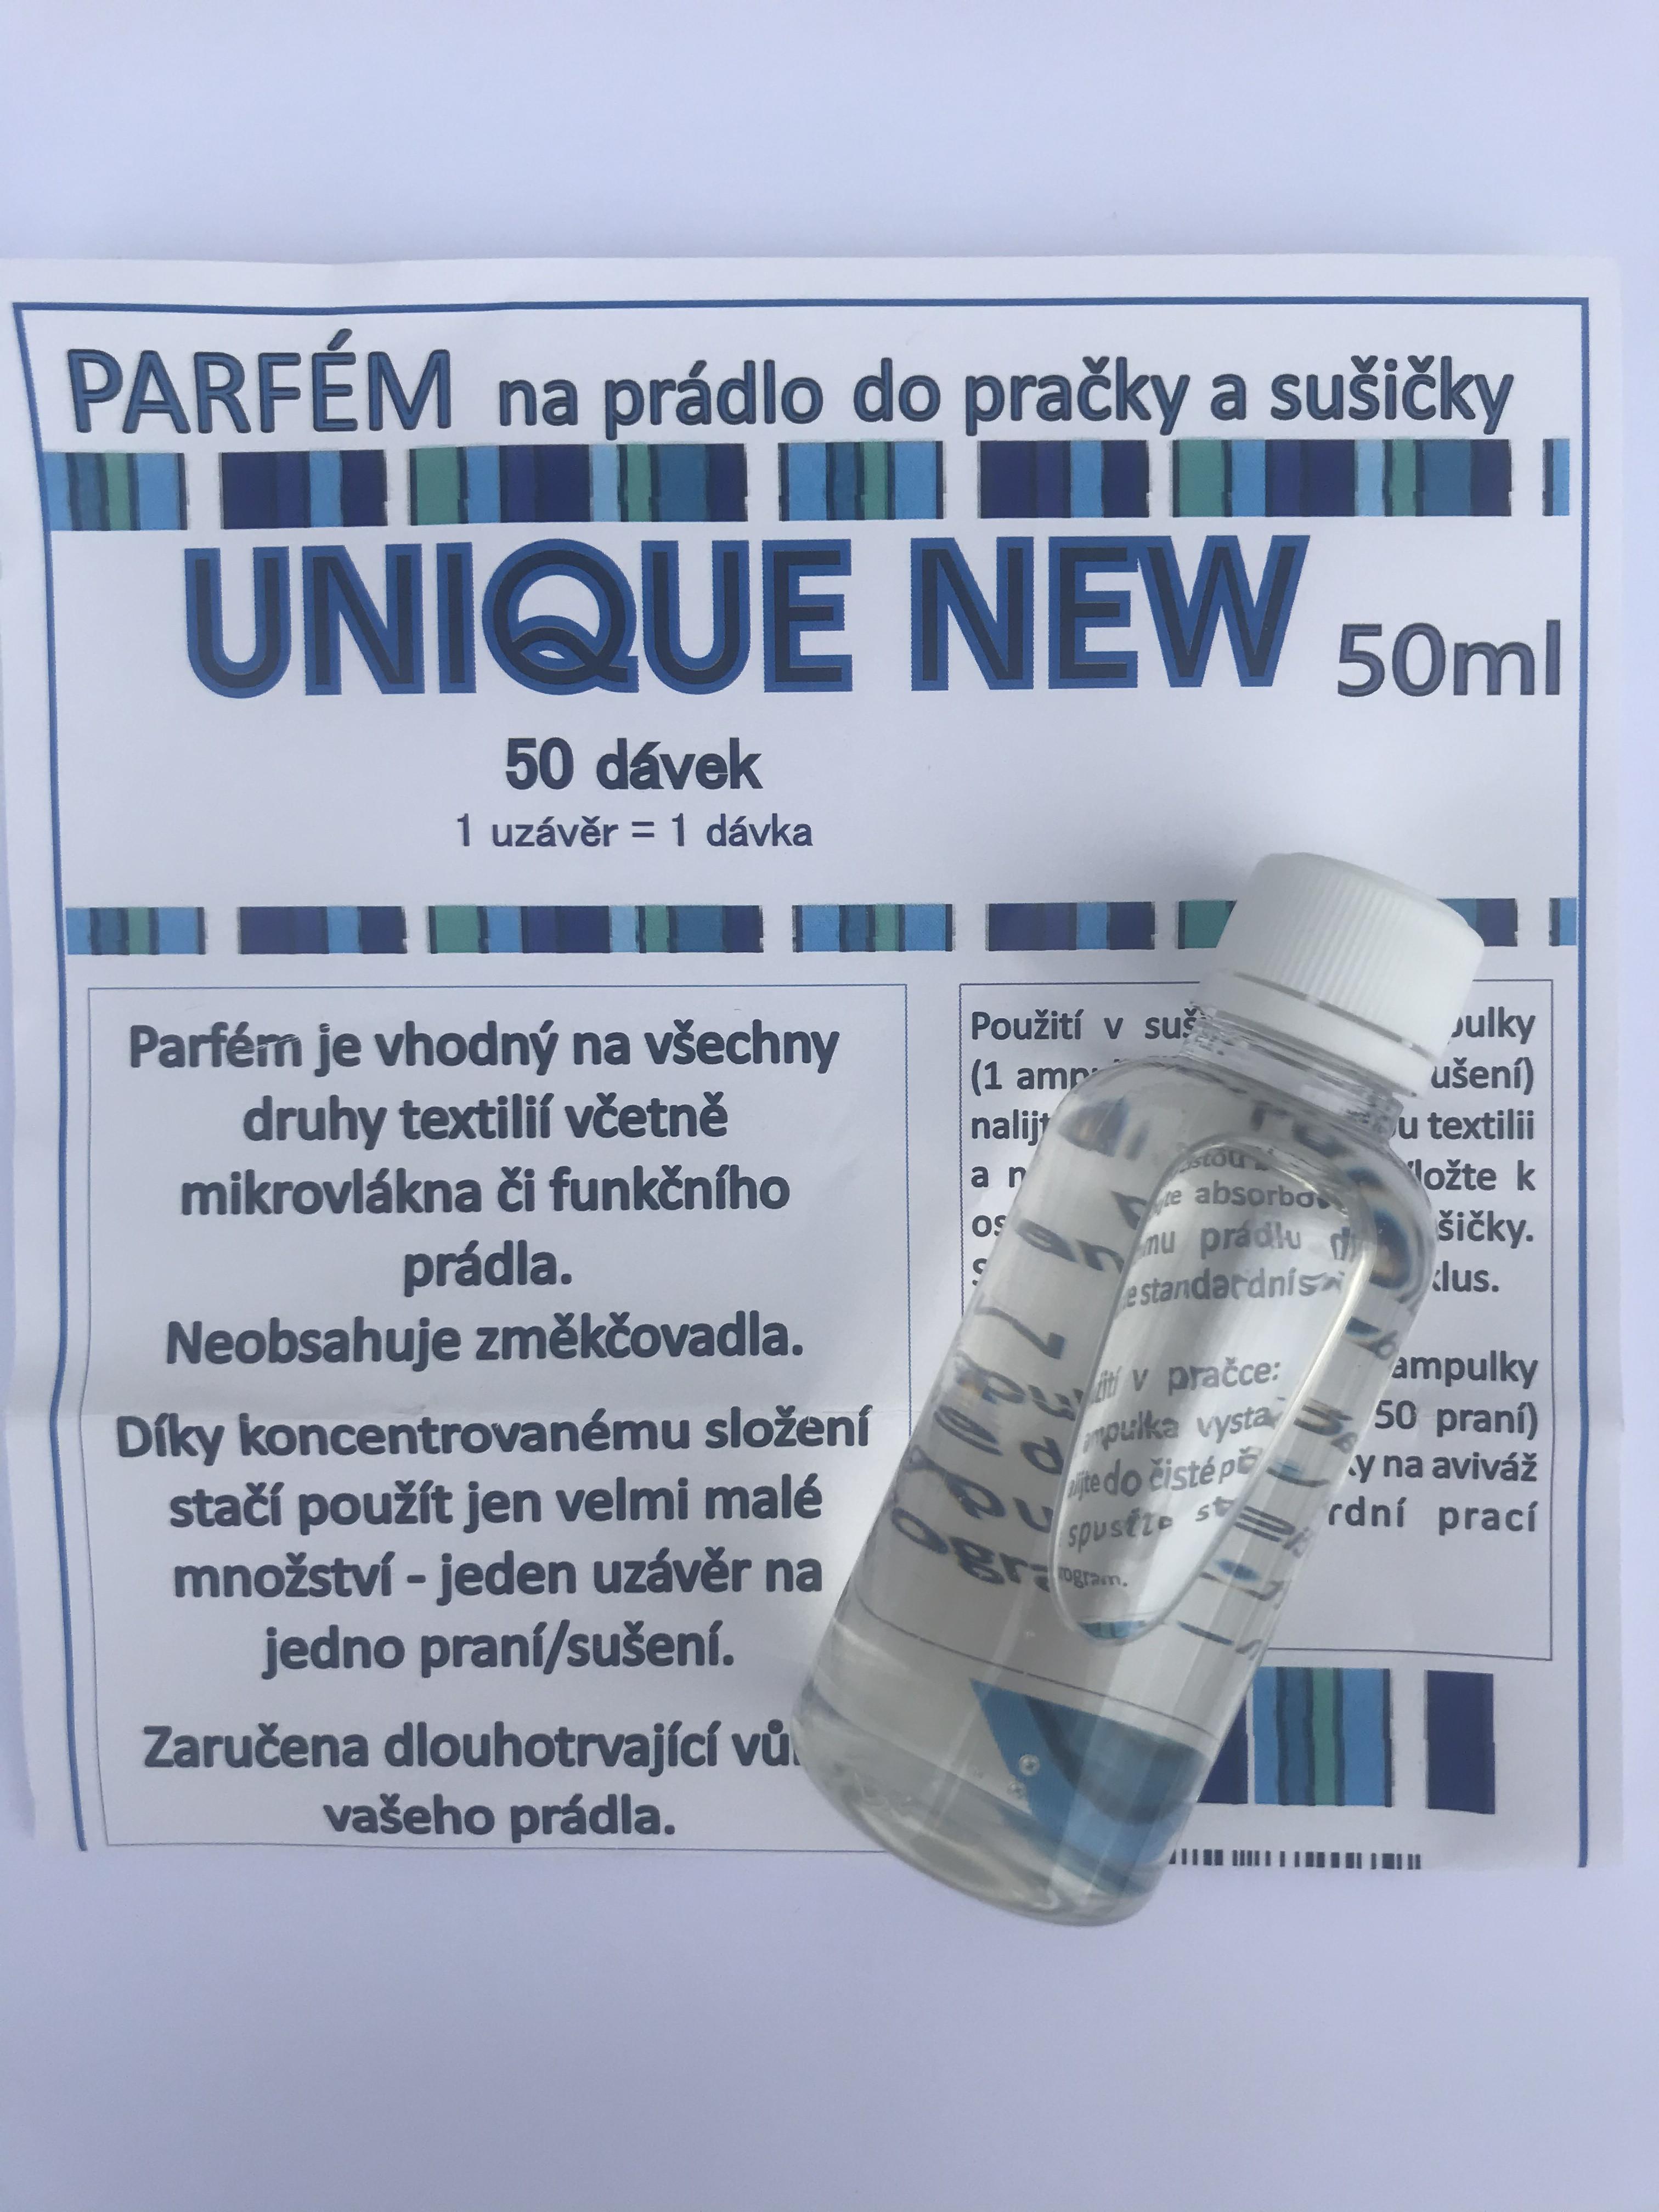 Parfém na prádlo do pračky a sušičky 50ml vůně Unique New (50 dávek)